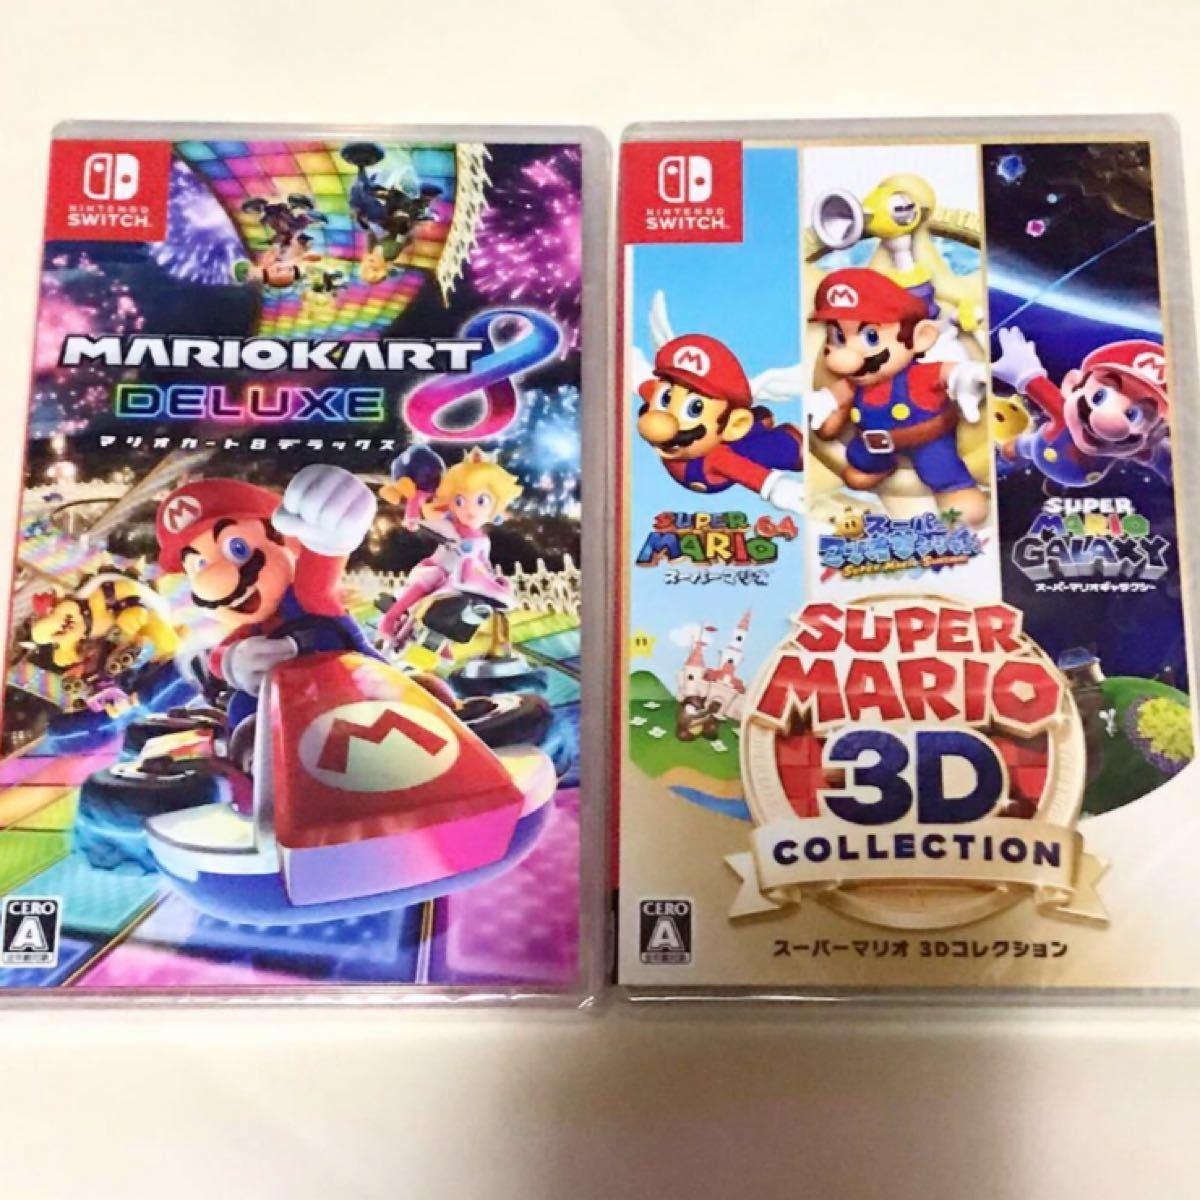 新品未開封 ニンテンドースイッチ Switch スーパーマリオ3Dコレクション&マリオカート8デラックス 任天堂 ソフト2本セット